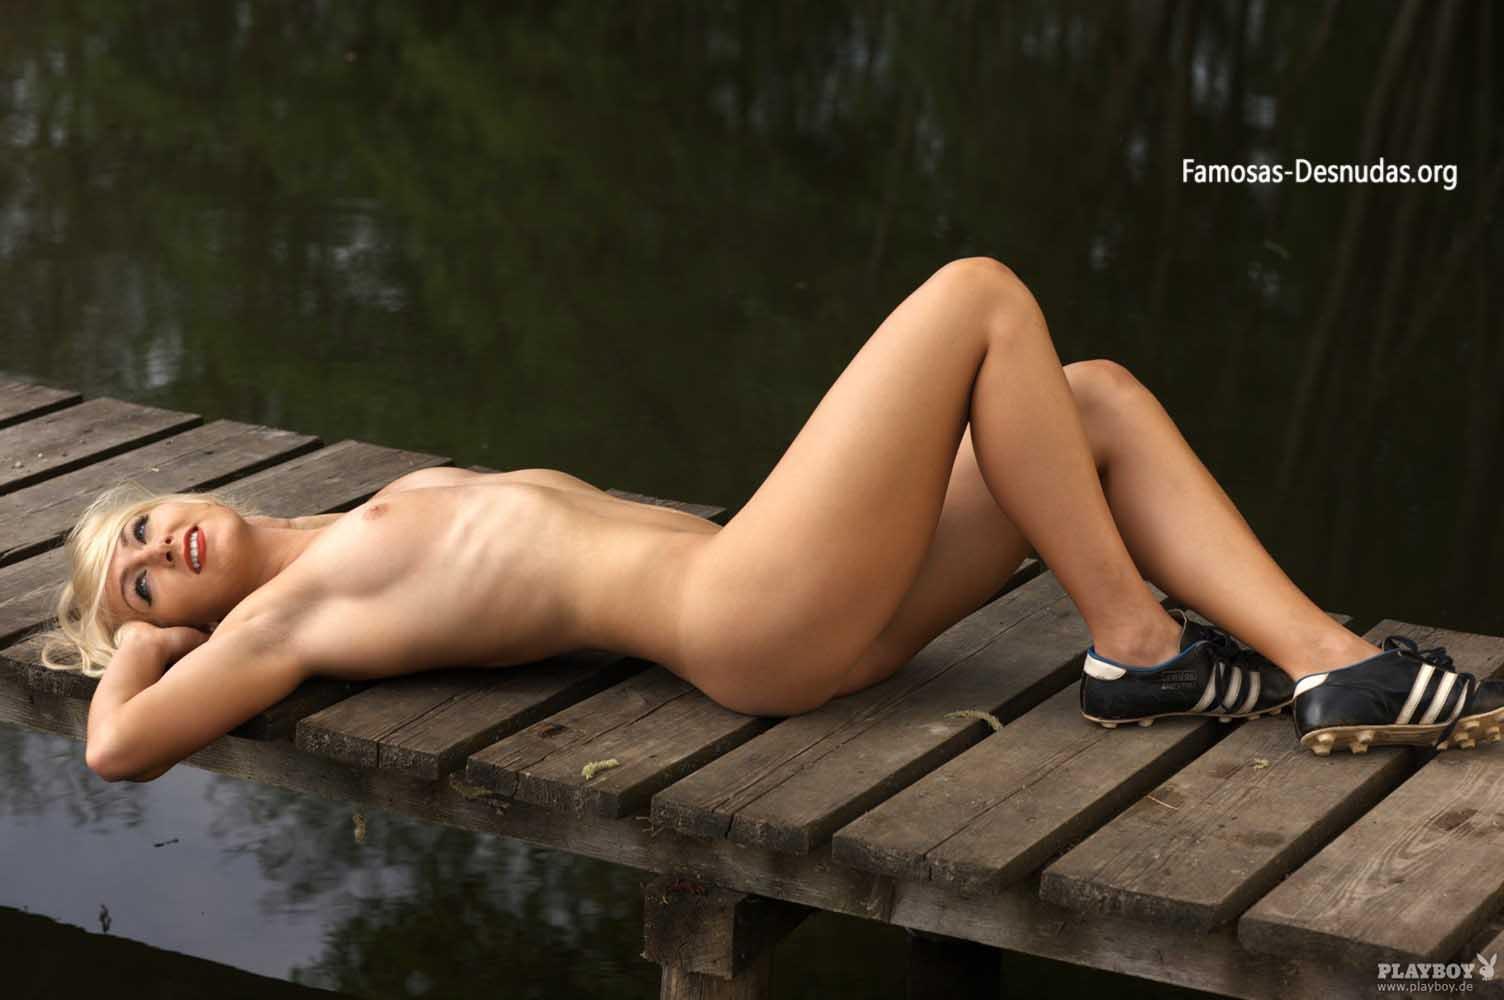 Alemanas Desnudas Playboys Fotos xxx -famosas-desnudas-para-playboy-revista-gratis-mexico-castellano-fotos-virgenes-posando-desnudas-celebrity-porn (17)